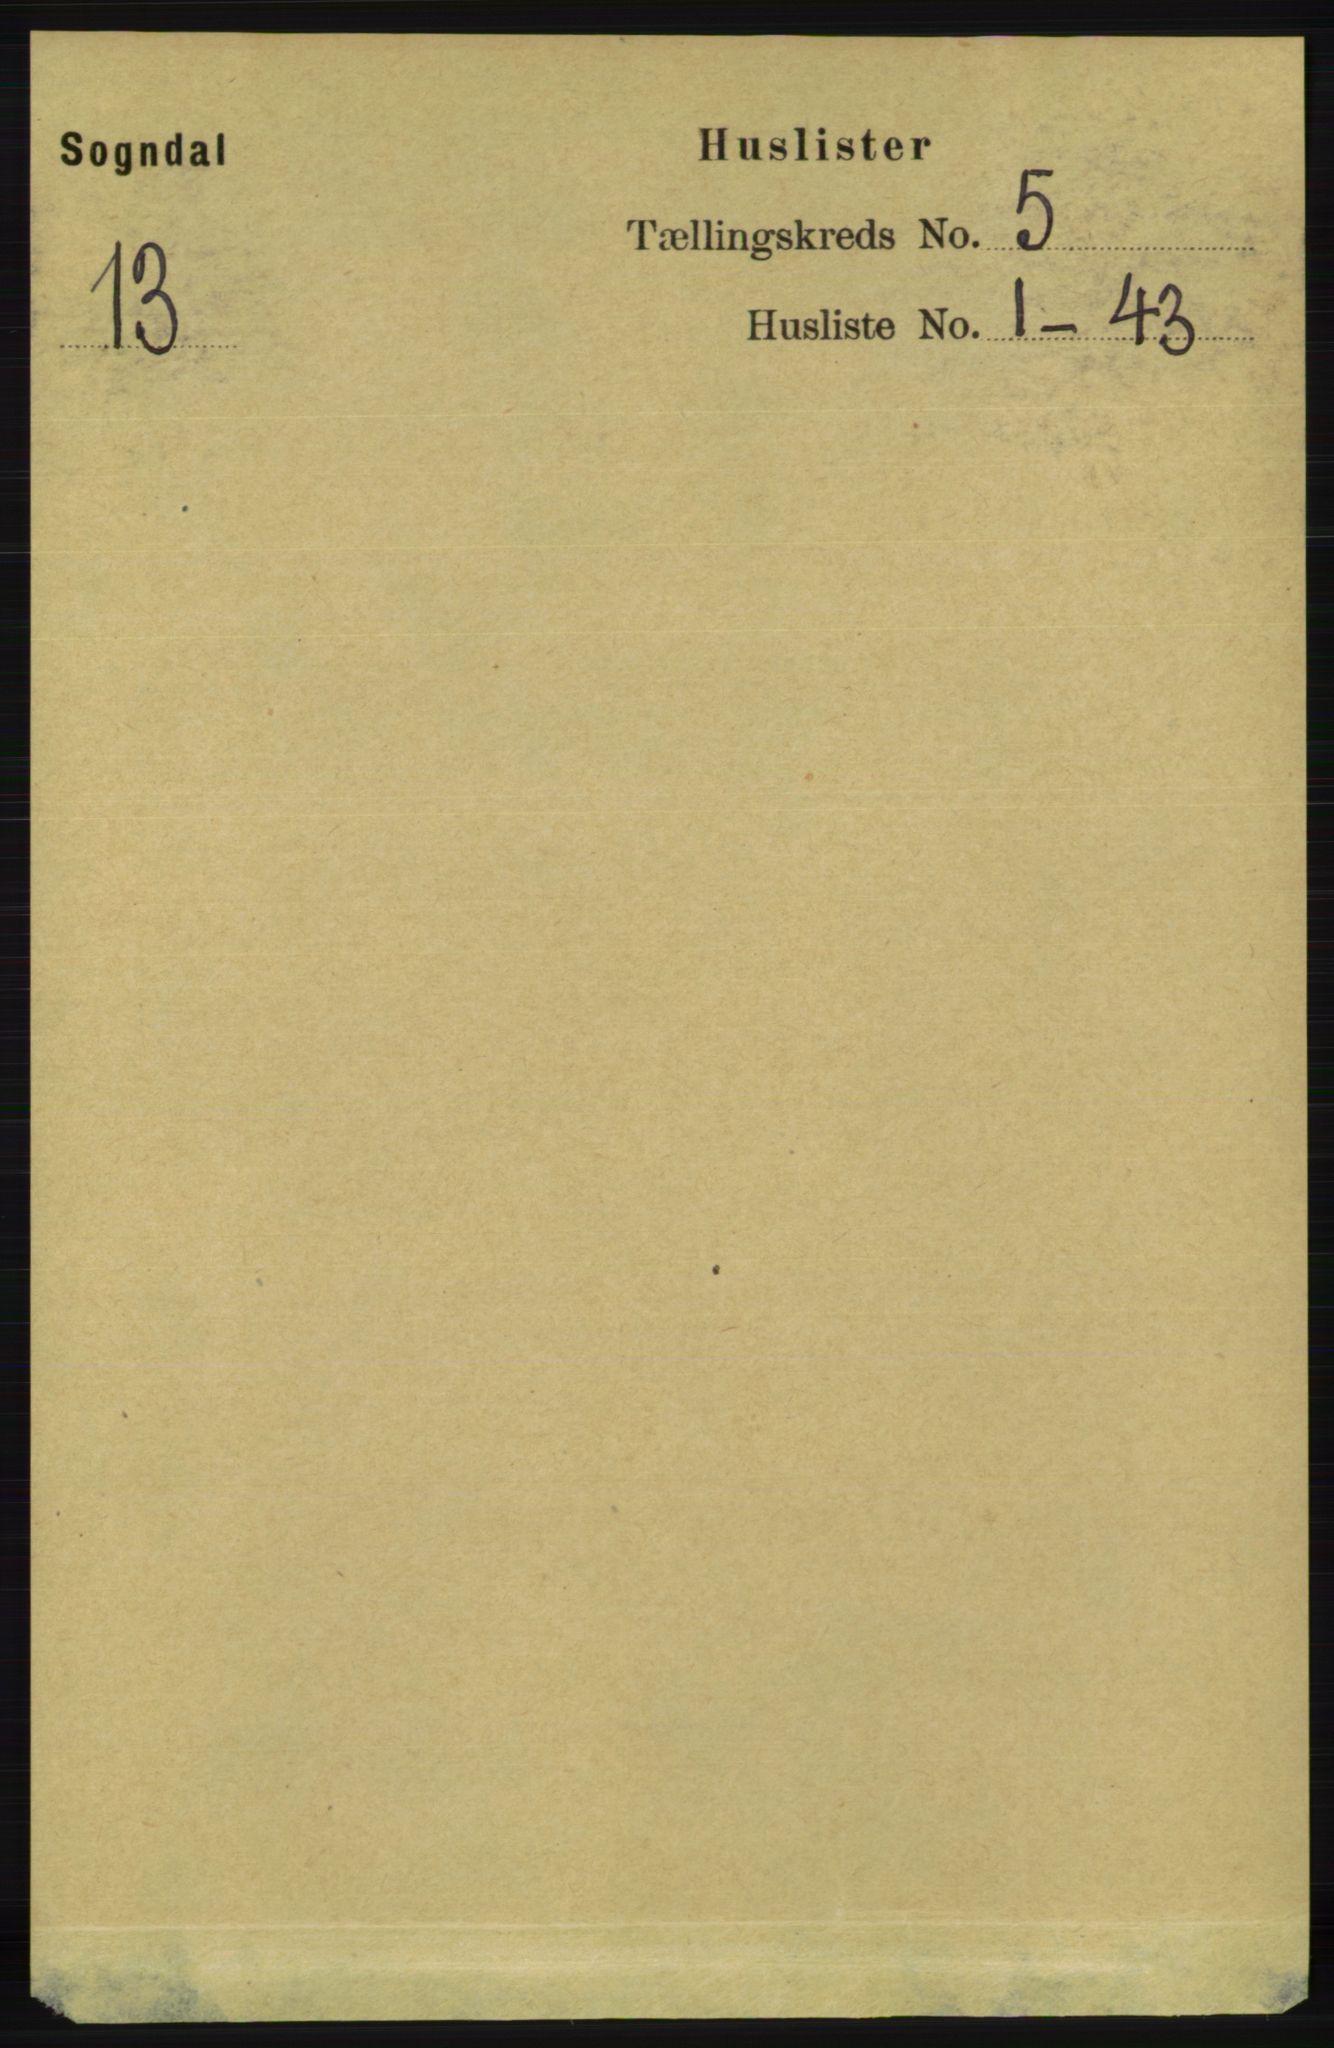 RA, Folketelling 1891 for 1111 Sokndal herred, 1891, s. 1275